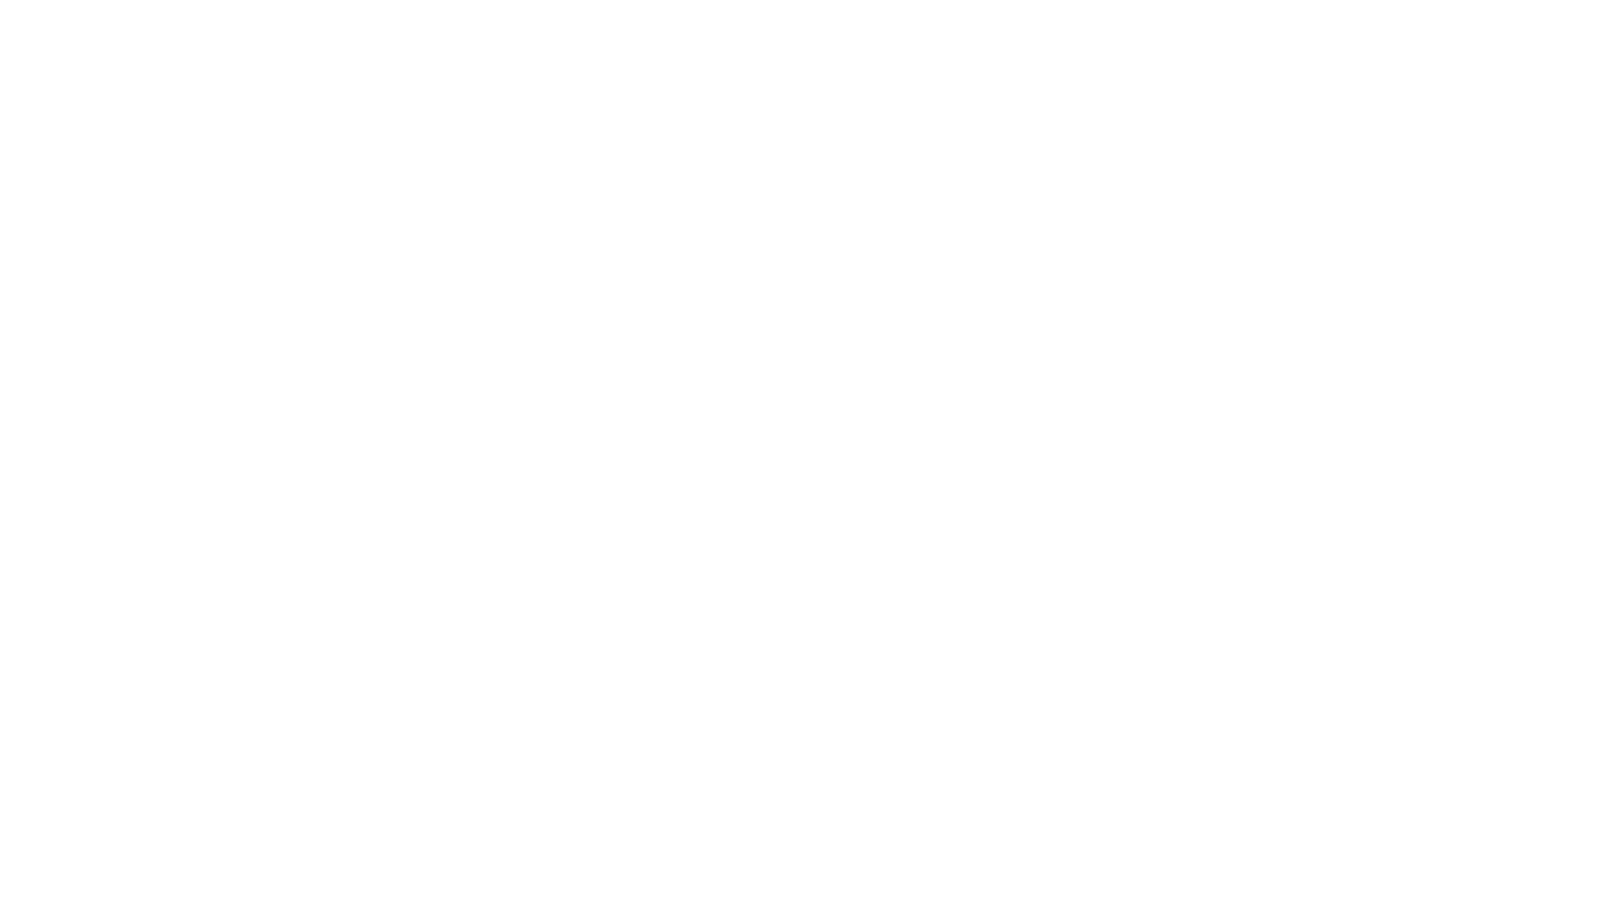 Nota de Ariel Kern en Acontecer Semanal (Canal 11) a Omar y Diego Bustos por la incorporación de una placa FM en estereo y de nueva tecnología  (micrófonos, reproductores de cds, cassettes, y una consola realizada por Gabriel Bustos).